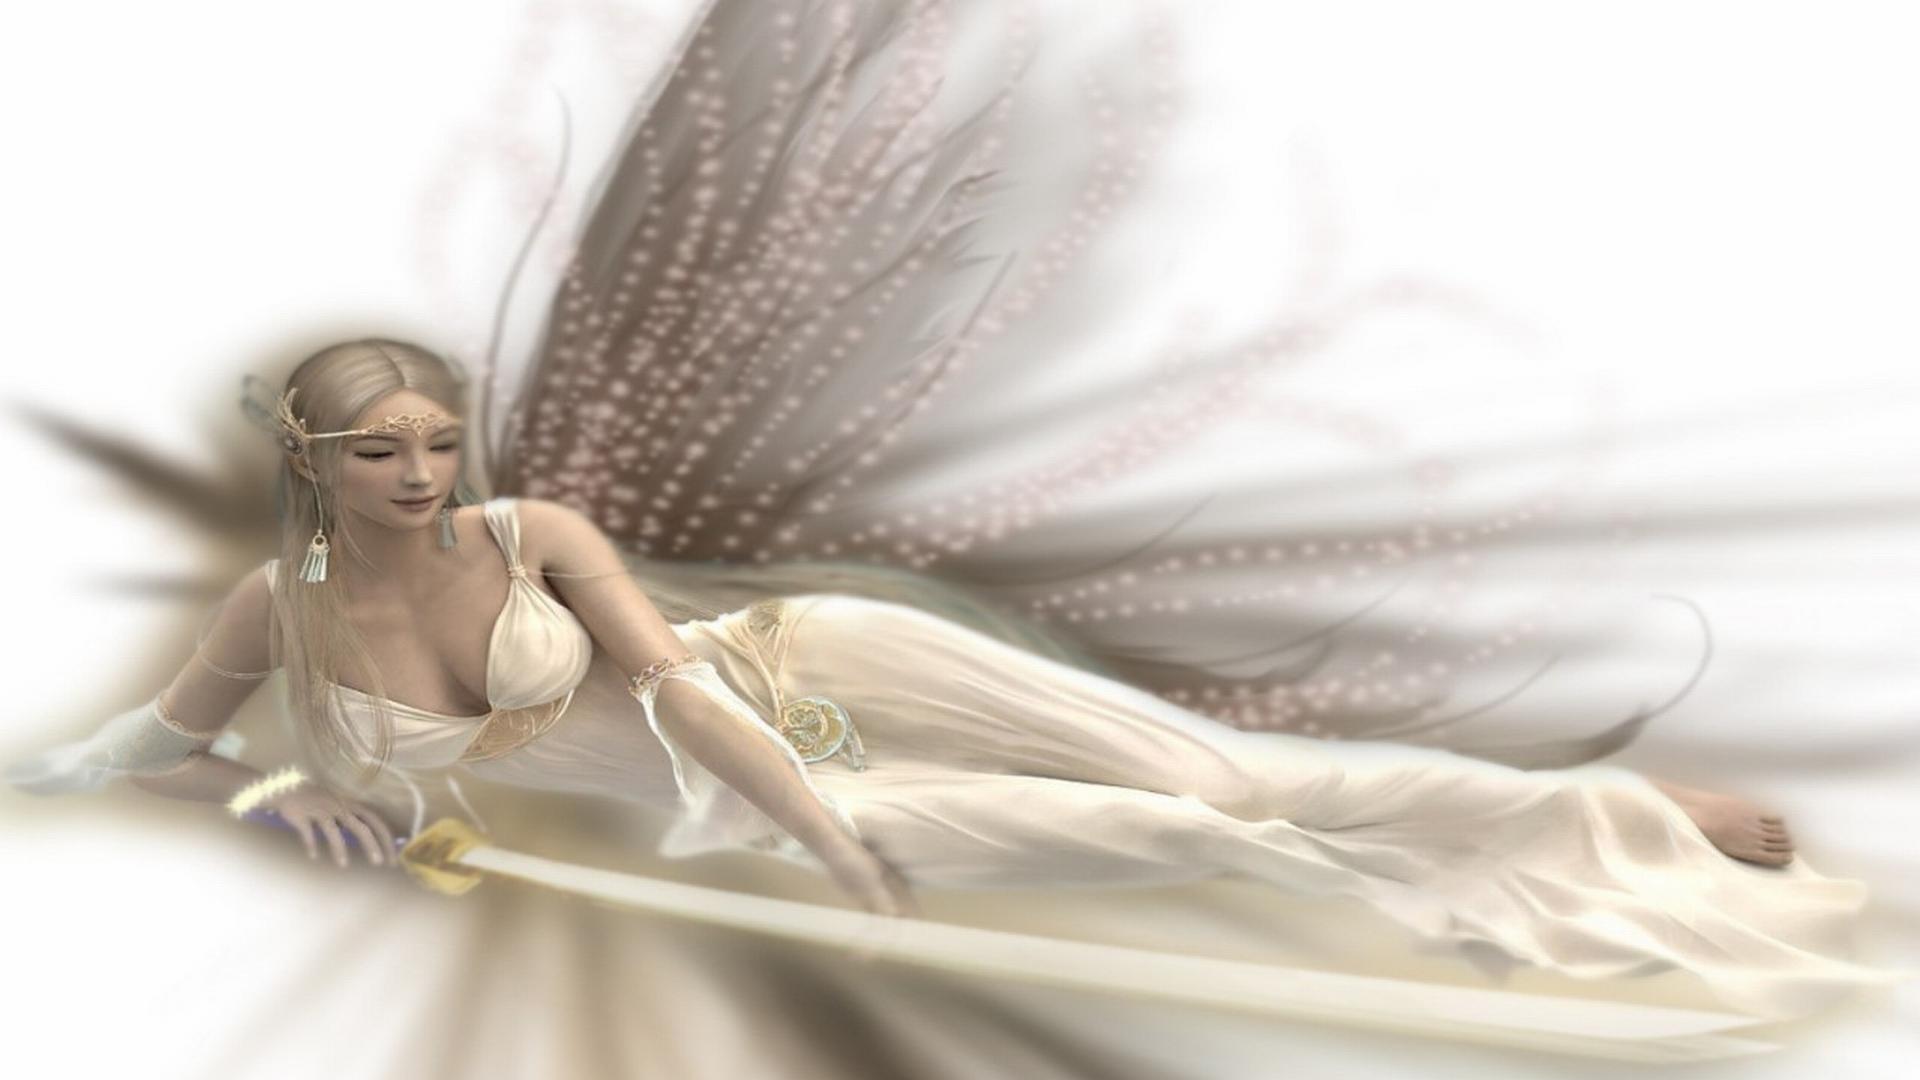 fairy auf deutsch